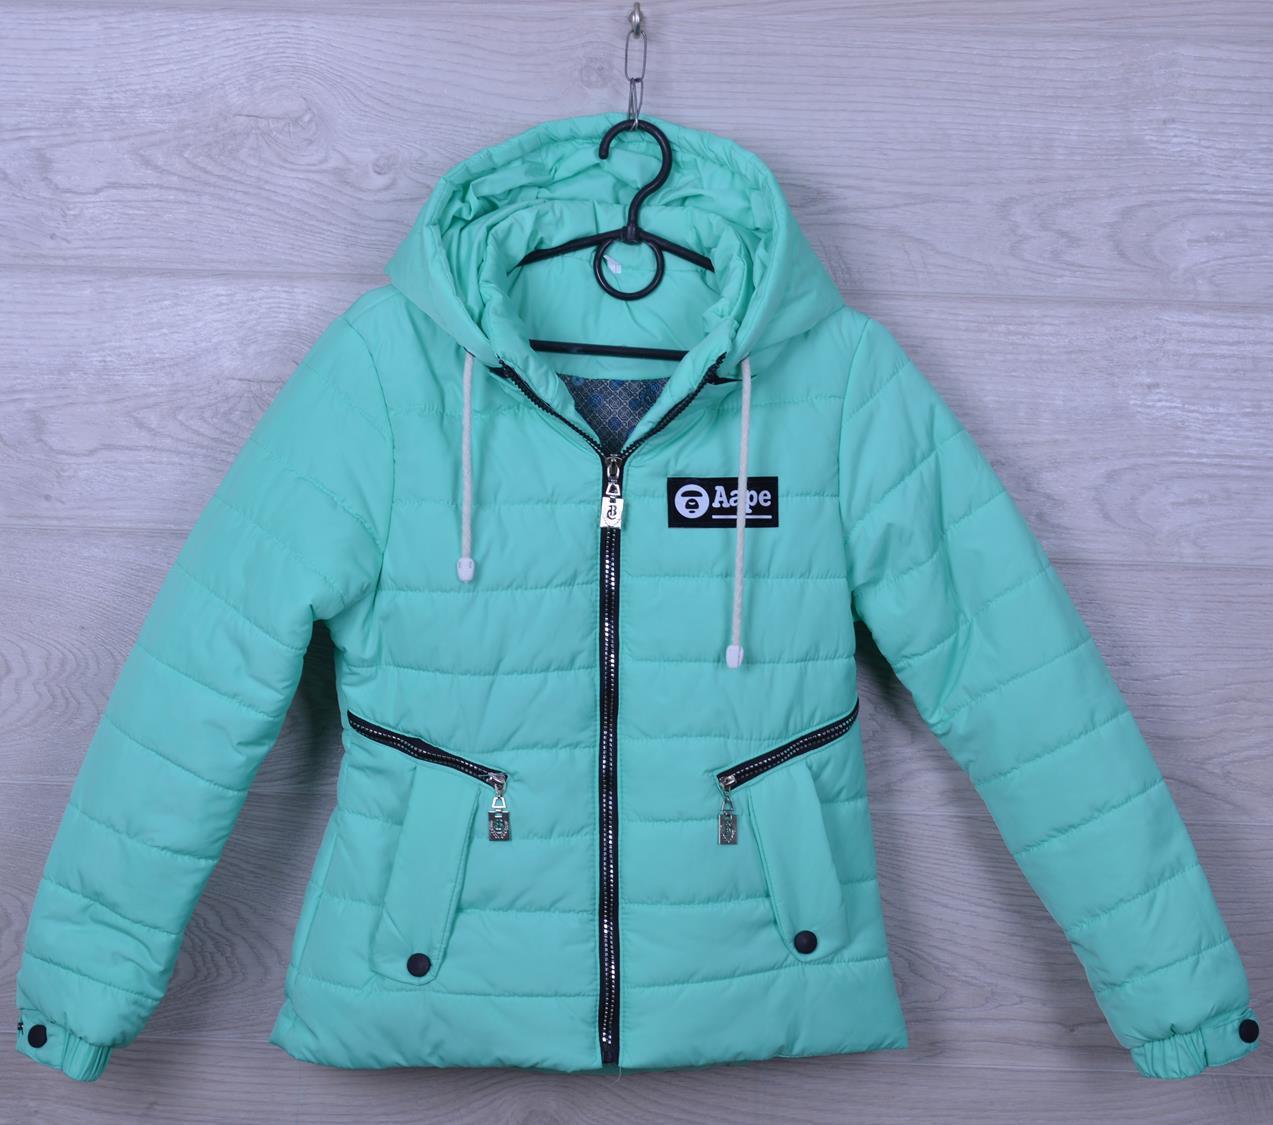 """Куртка подростковая демисезонная """"AaPe"""" для девочек. 10-14 лет. Мята. Оптом."""